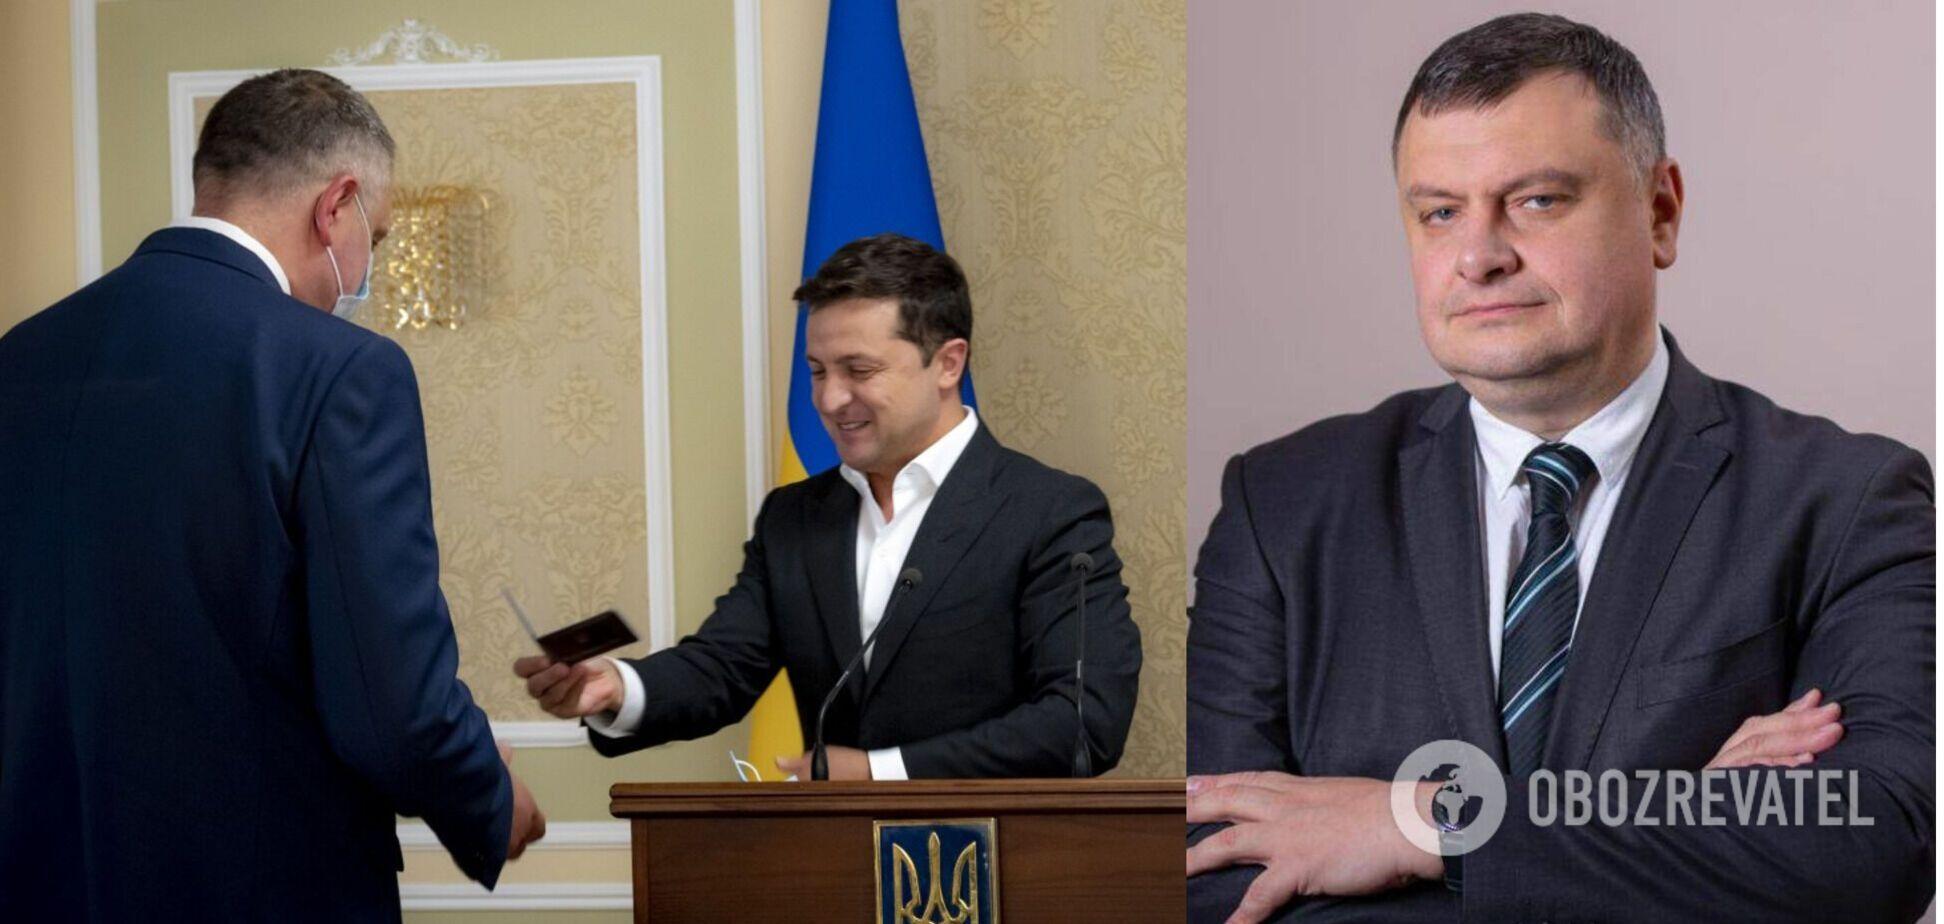 Зеленський представив нового главу Служби зовнішньої розвідки і назвав його головне завдання. Фото